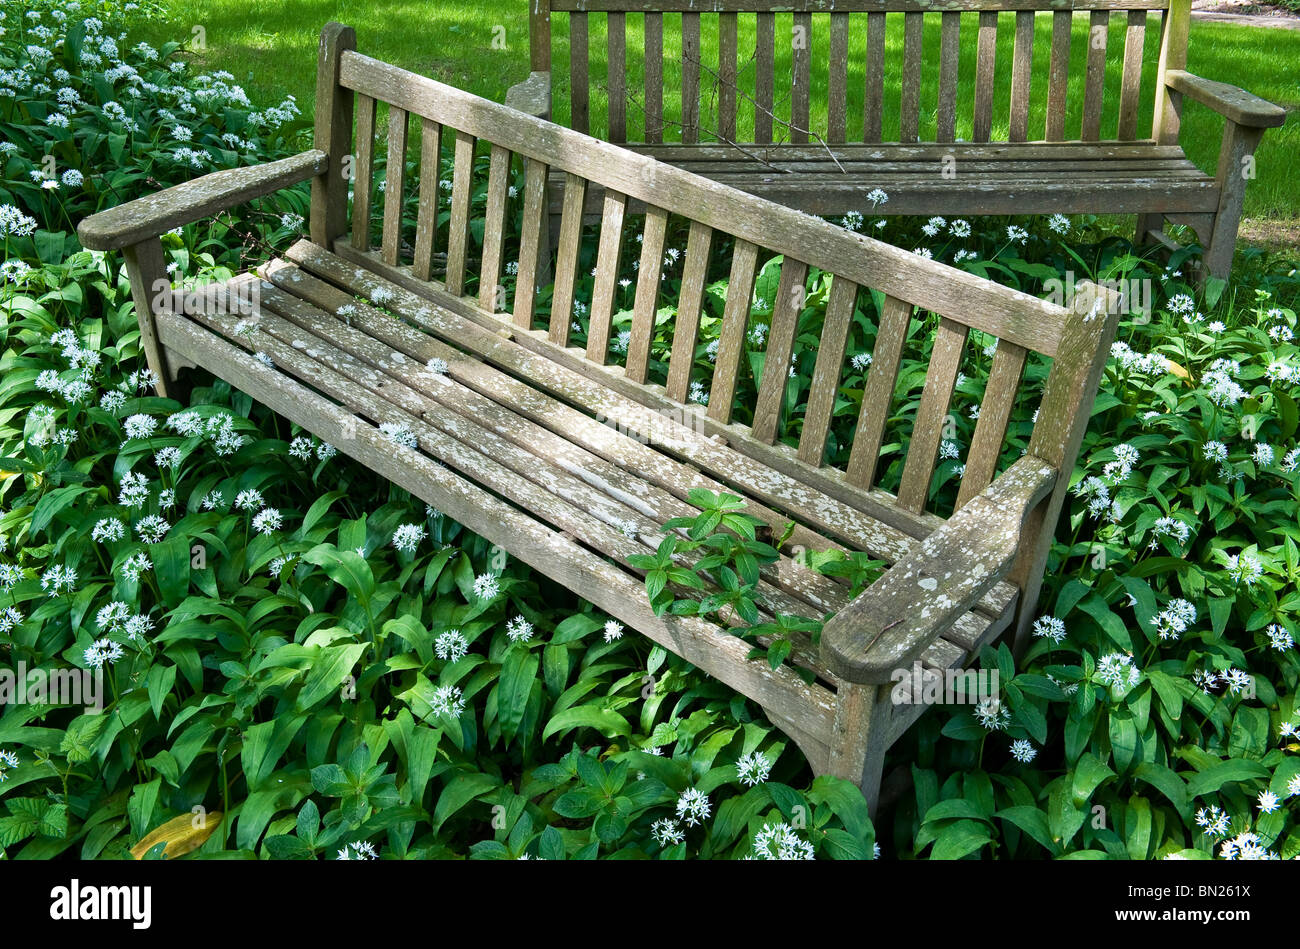 Vieux Banc De Jardin un vieux banc de jardin envahi par l'ail sauvage banque d